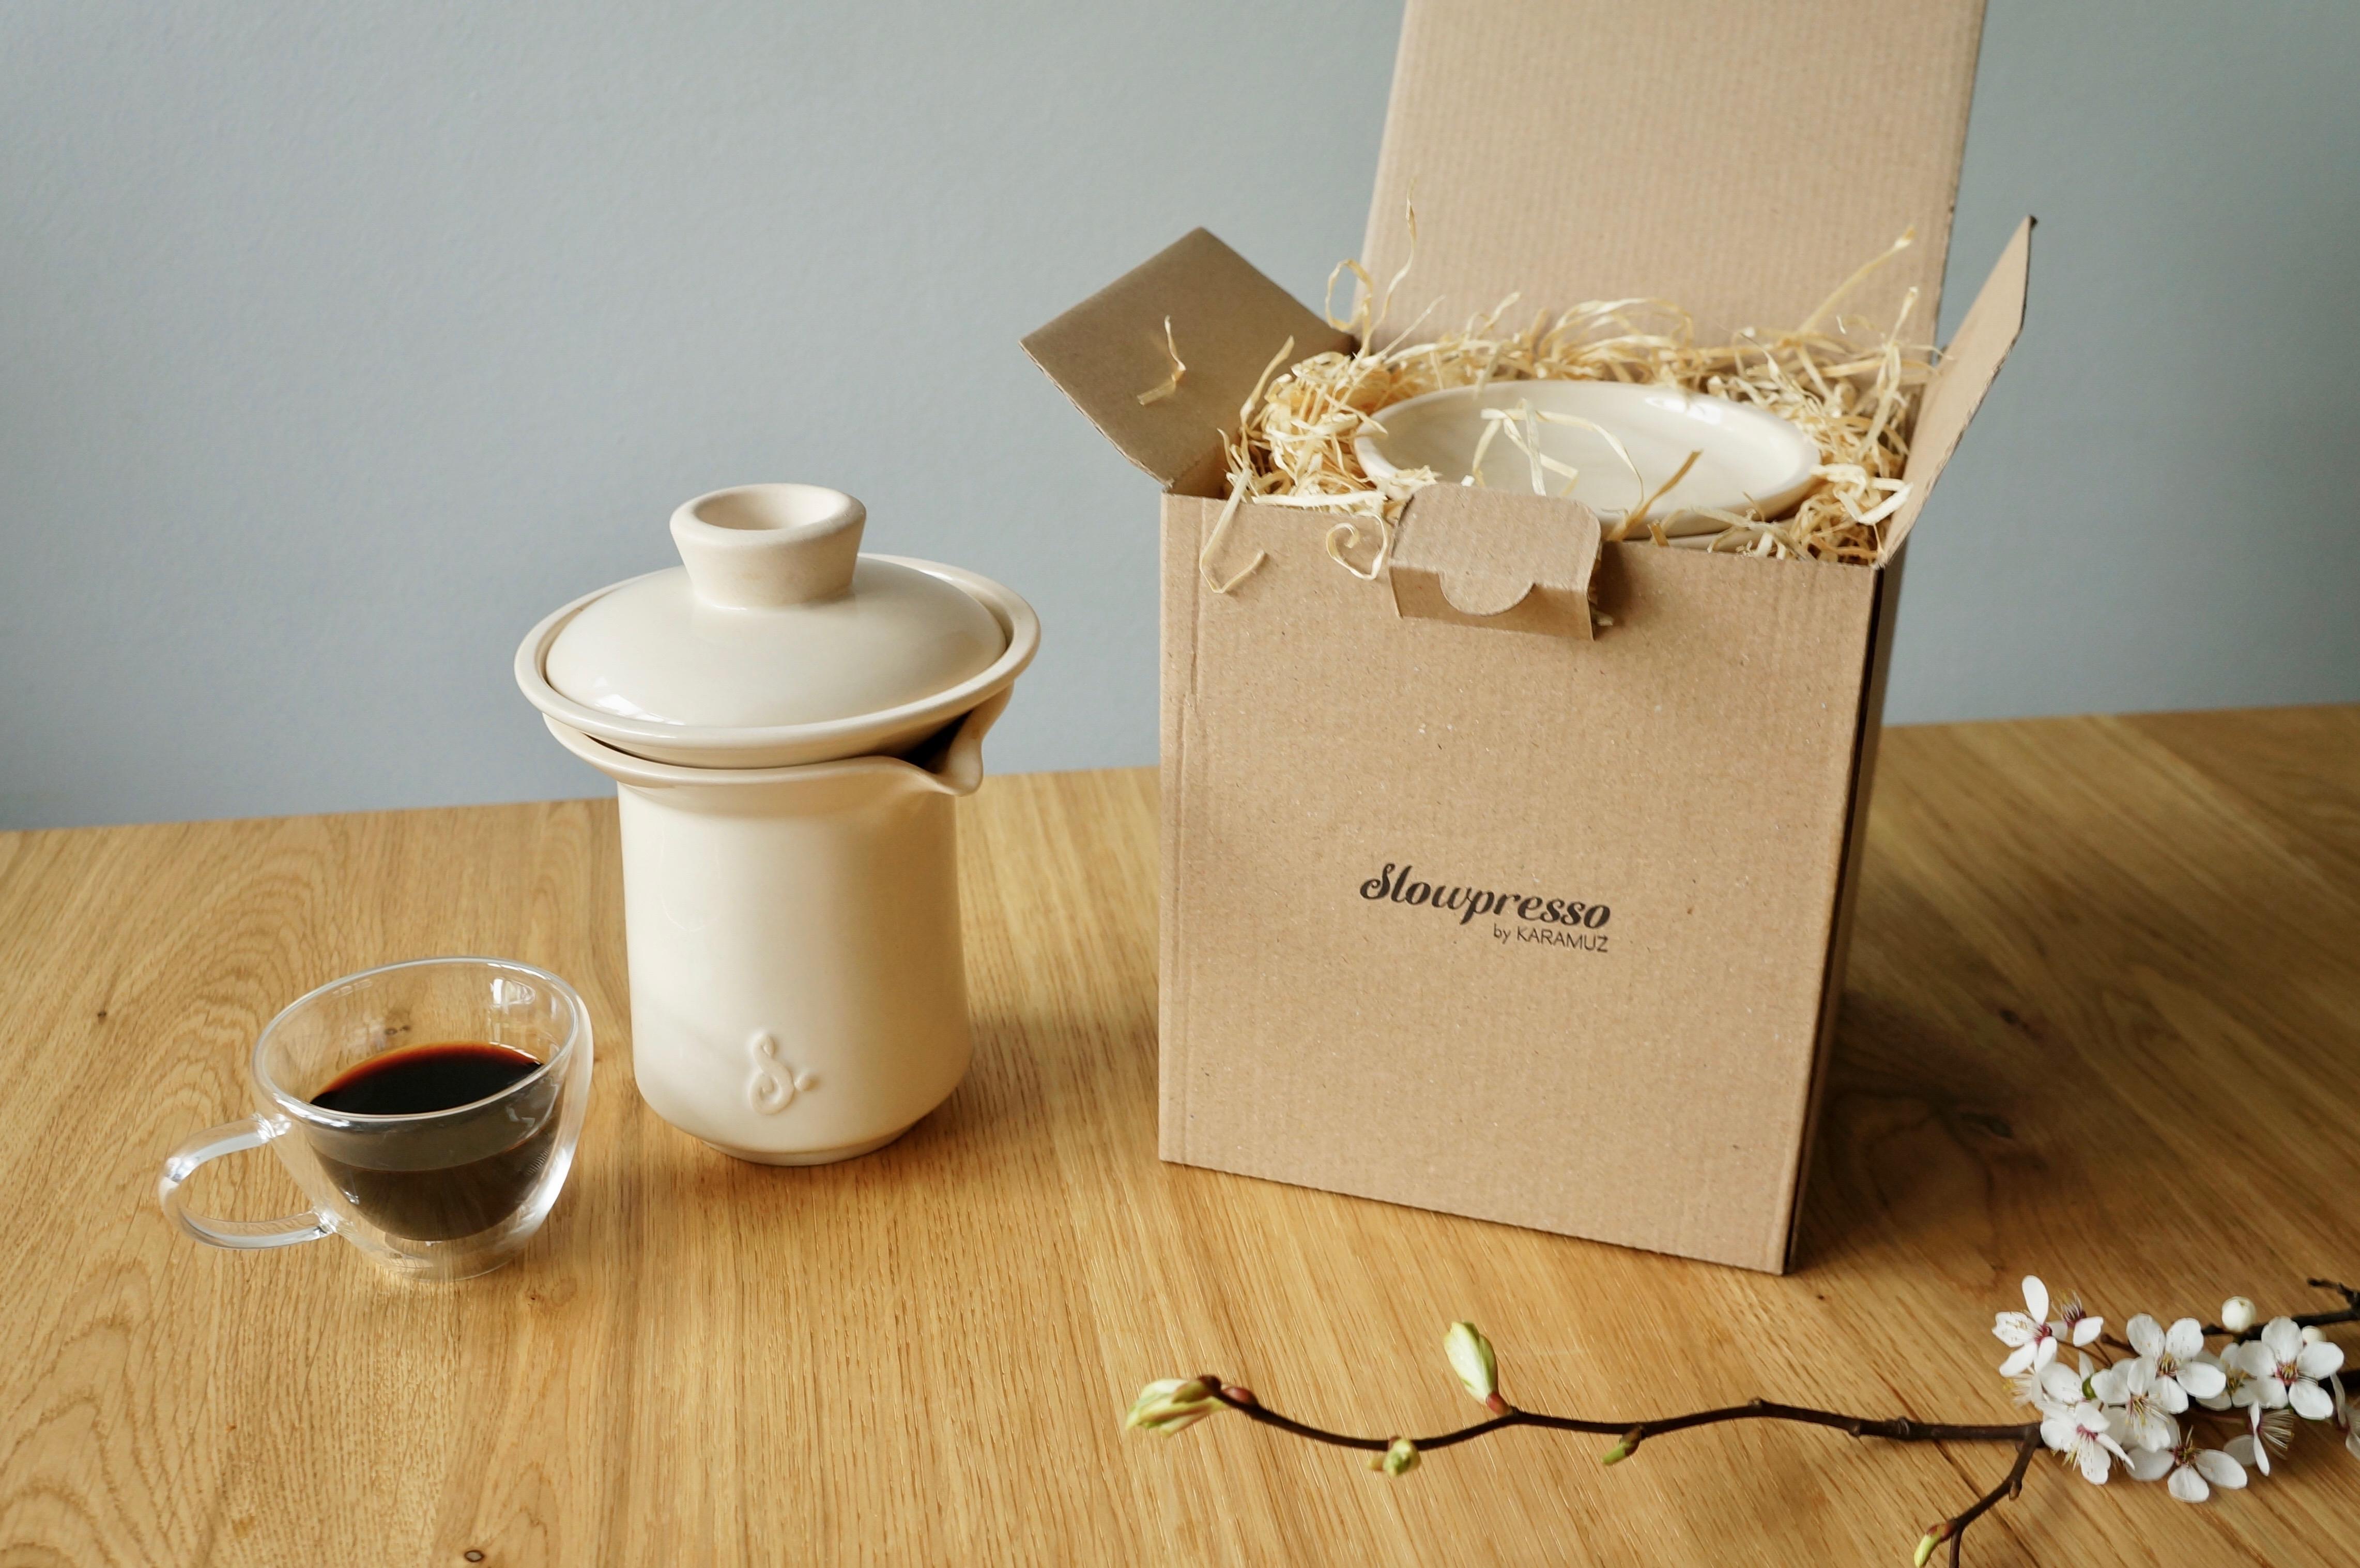 Zestaw do robienia kawy Slowpresso 20% taniej